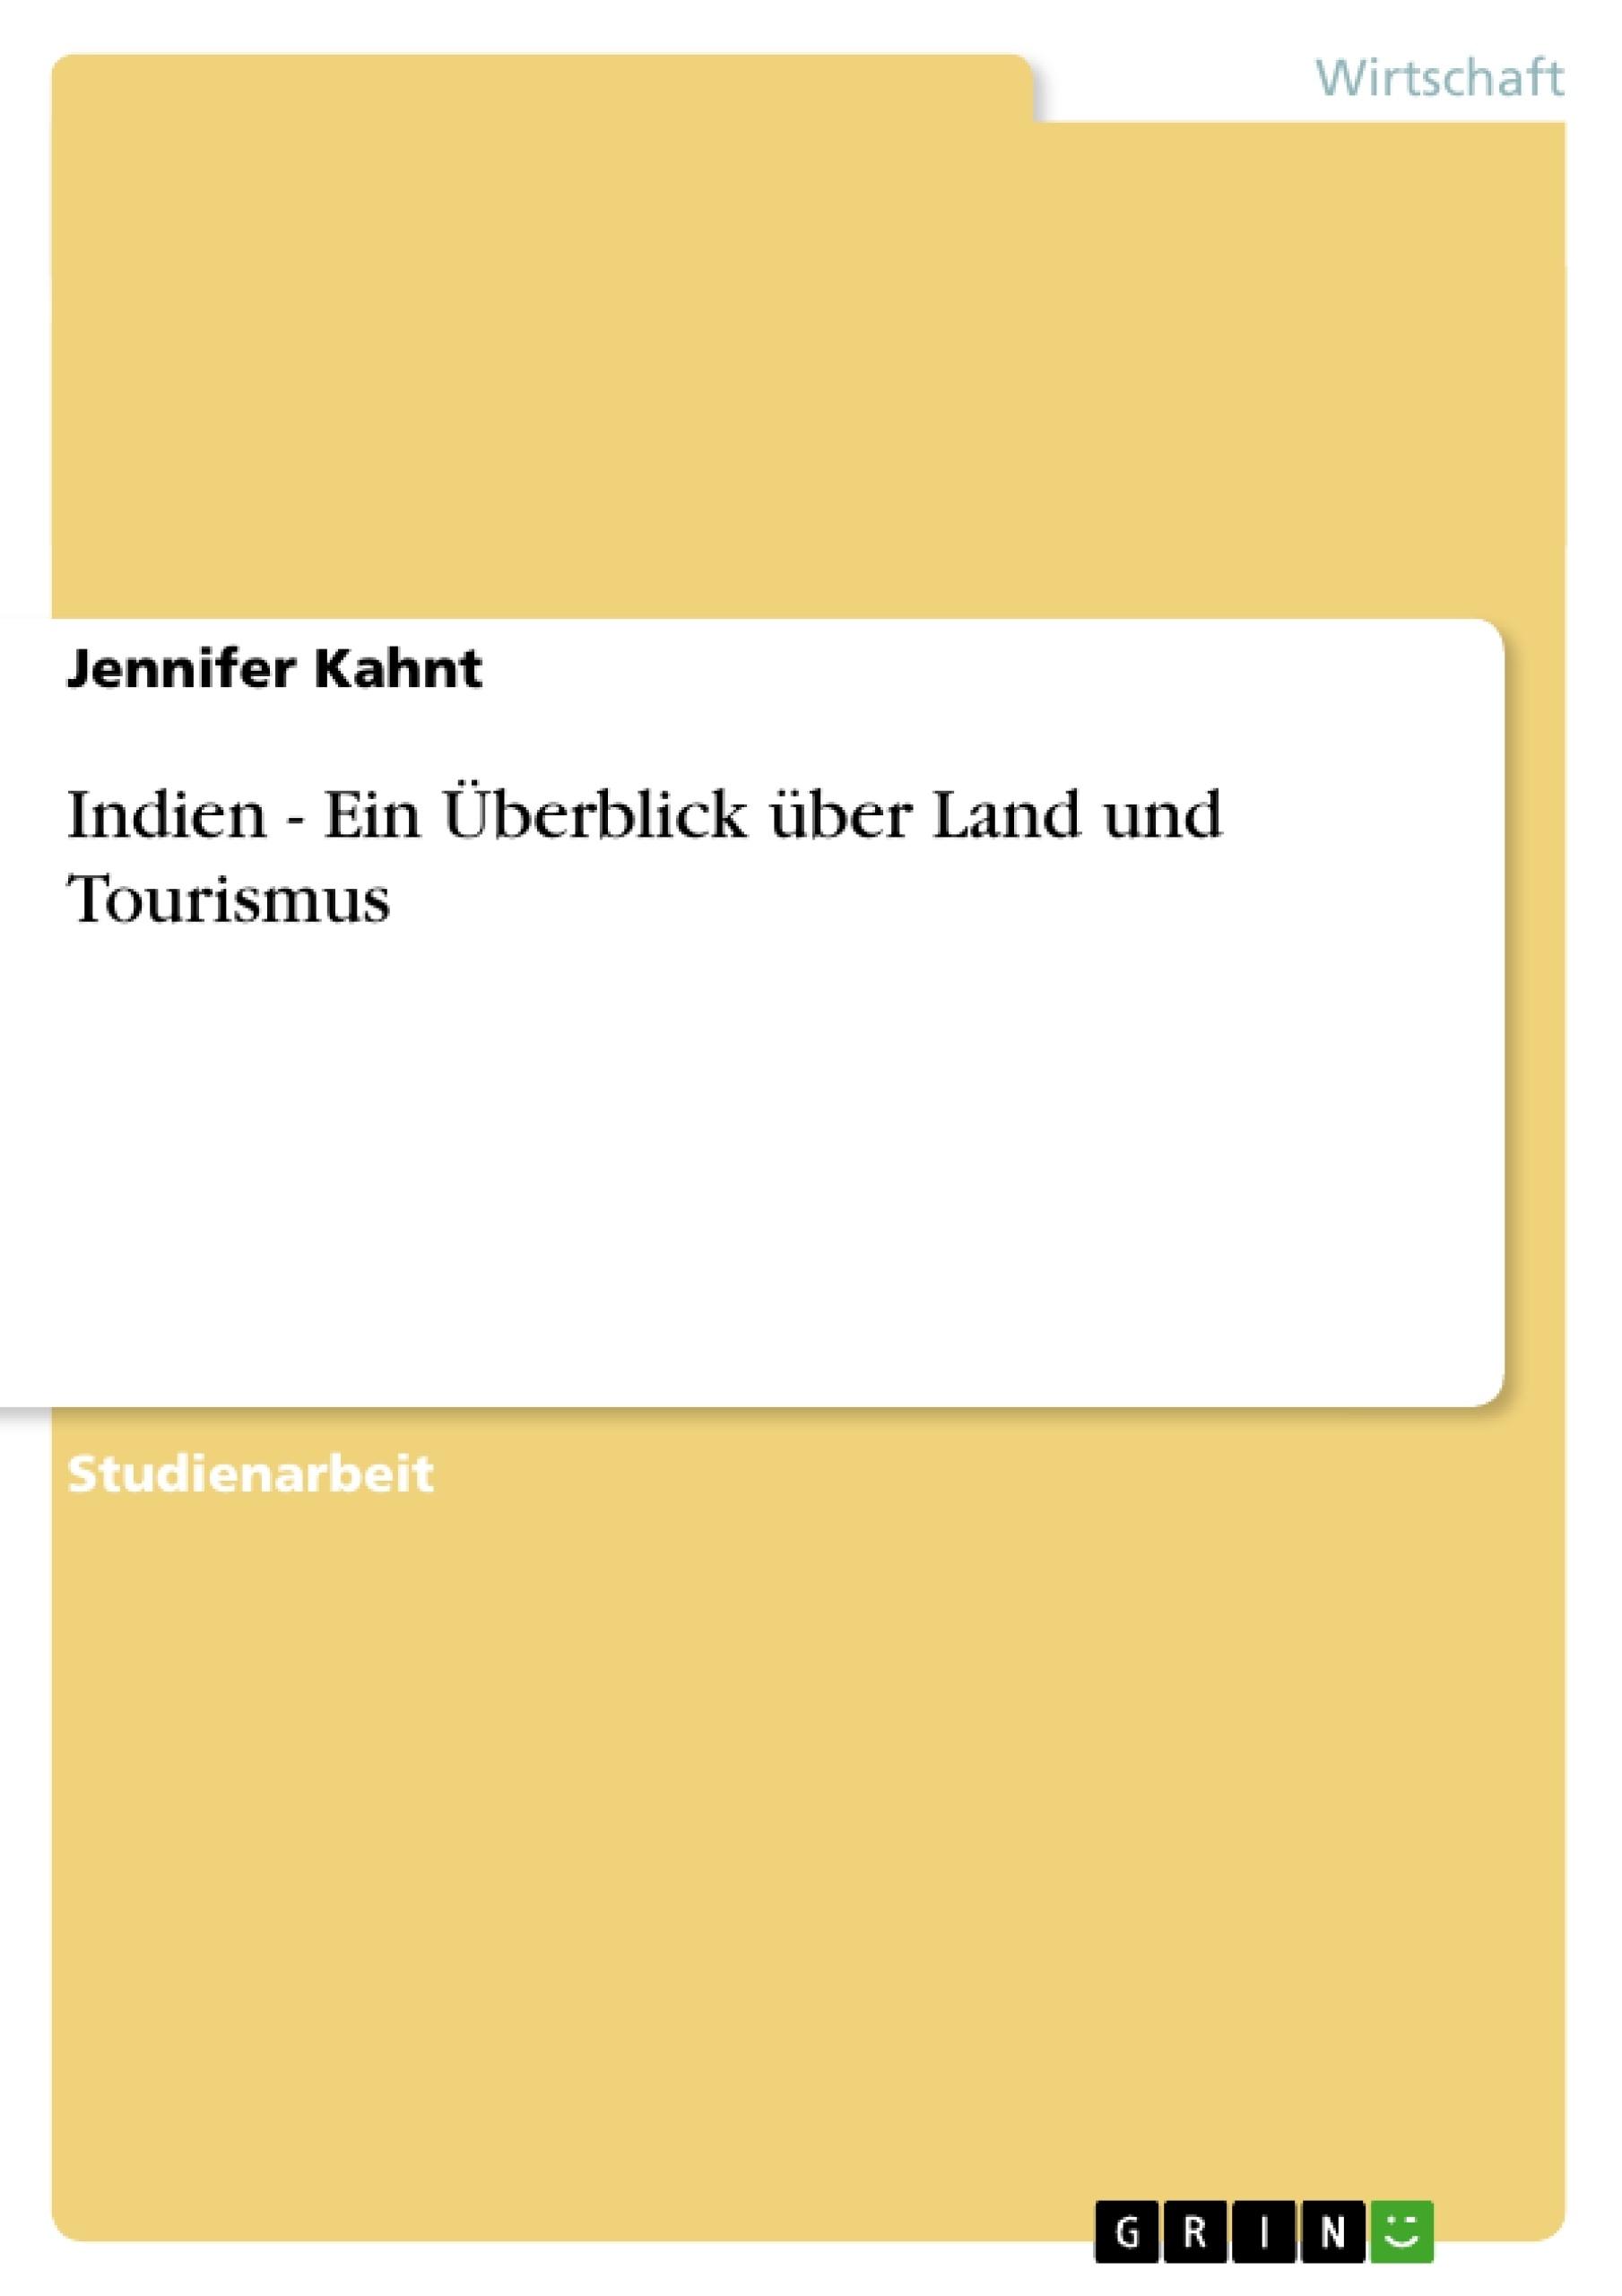 Titel: Indien - Ein Überblick über Land und Tourismus